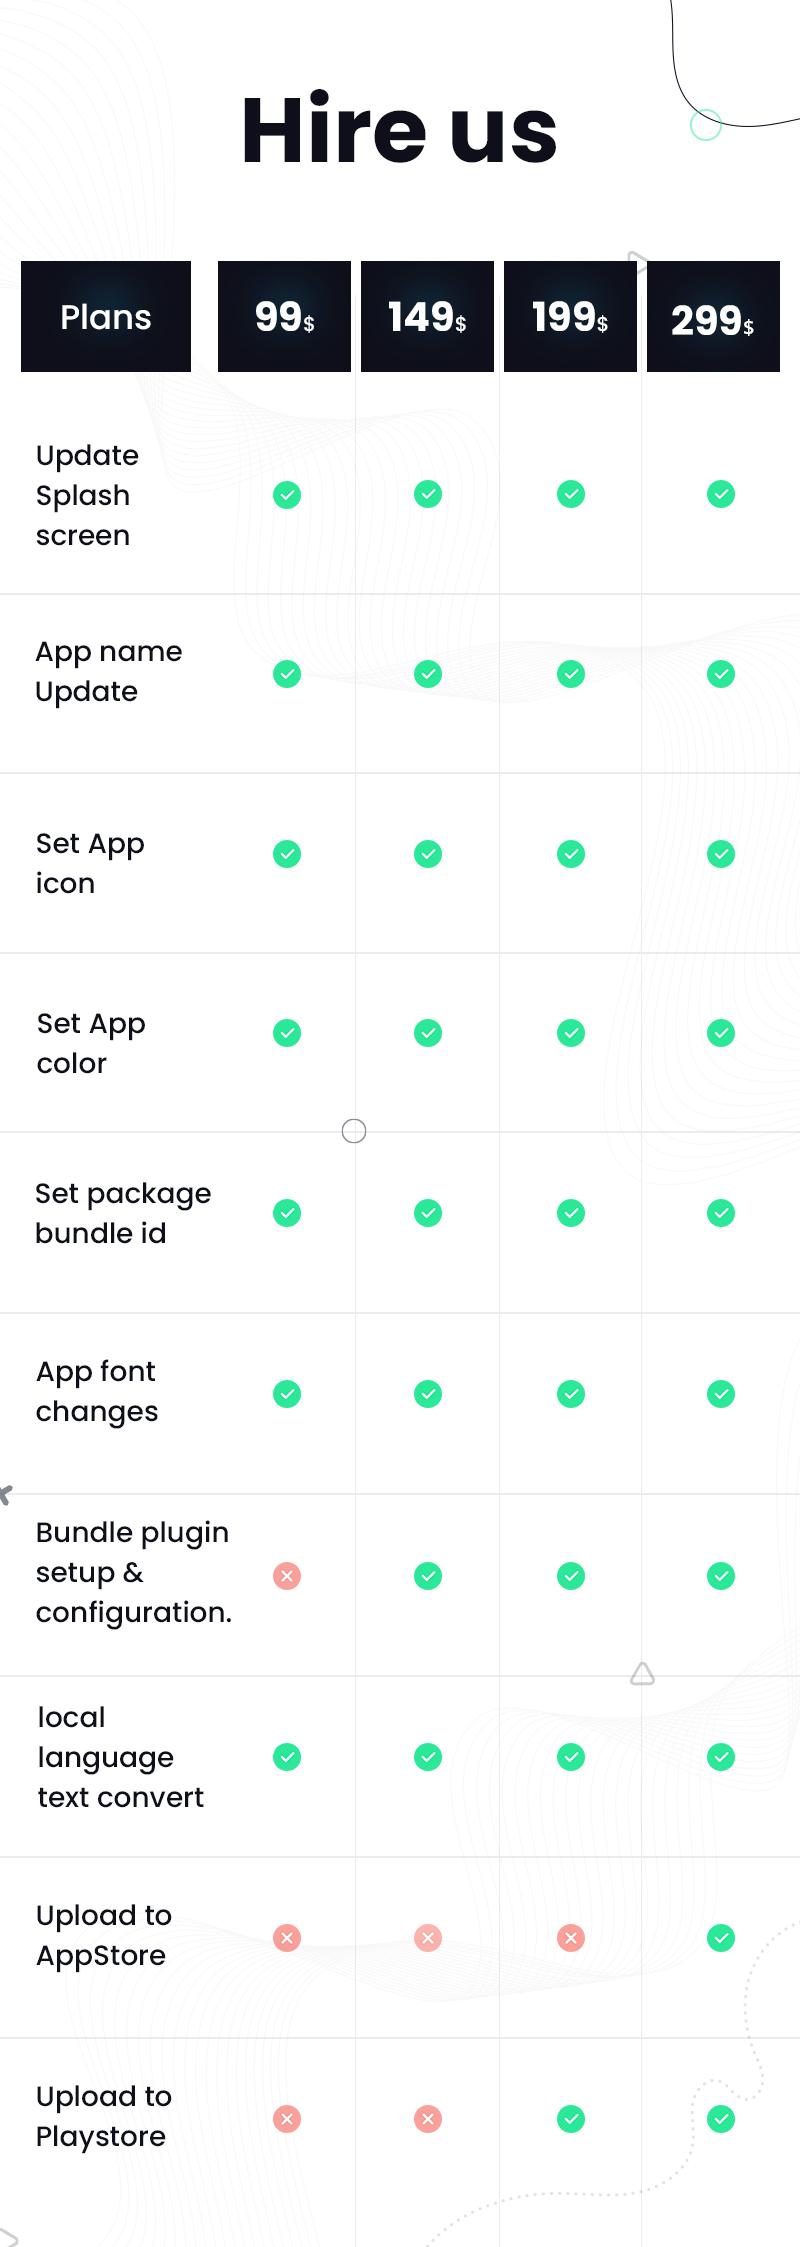 WooBox - WooCommerce iOS App E-commerce Full Mobile App + Swift 4 - 4 woocommerce ios app e-commerce full mobile app + swift 4 WooBox PRICING TABLE